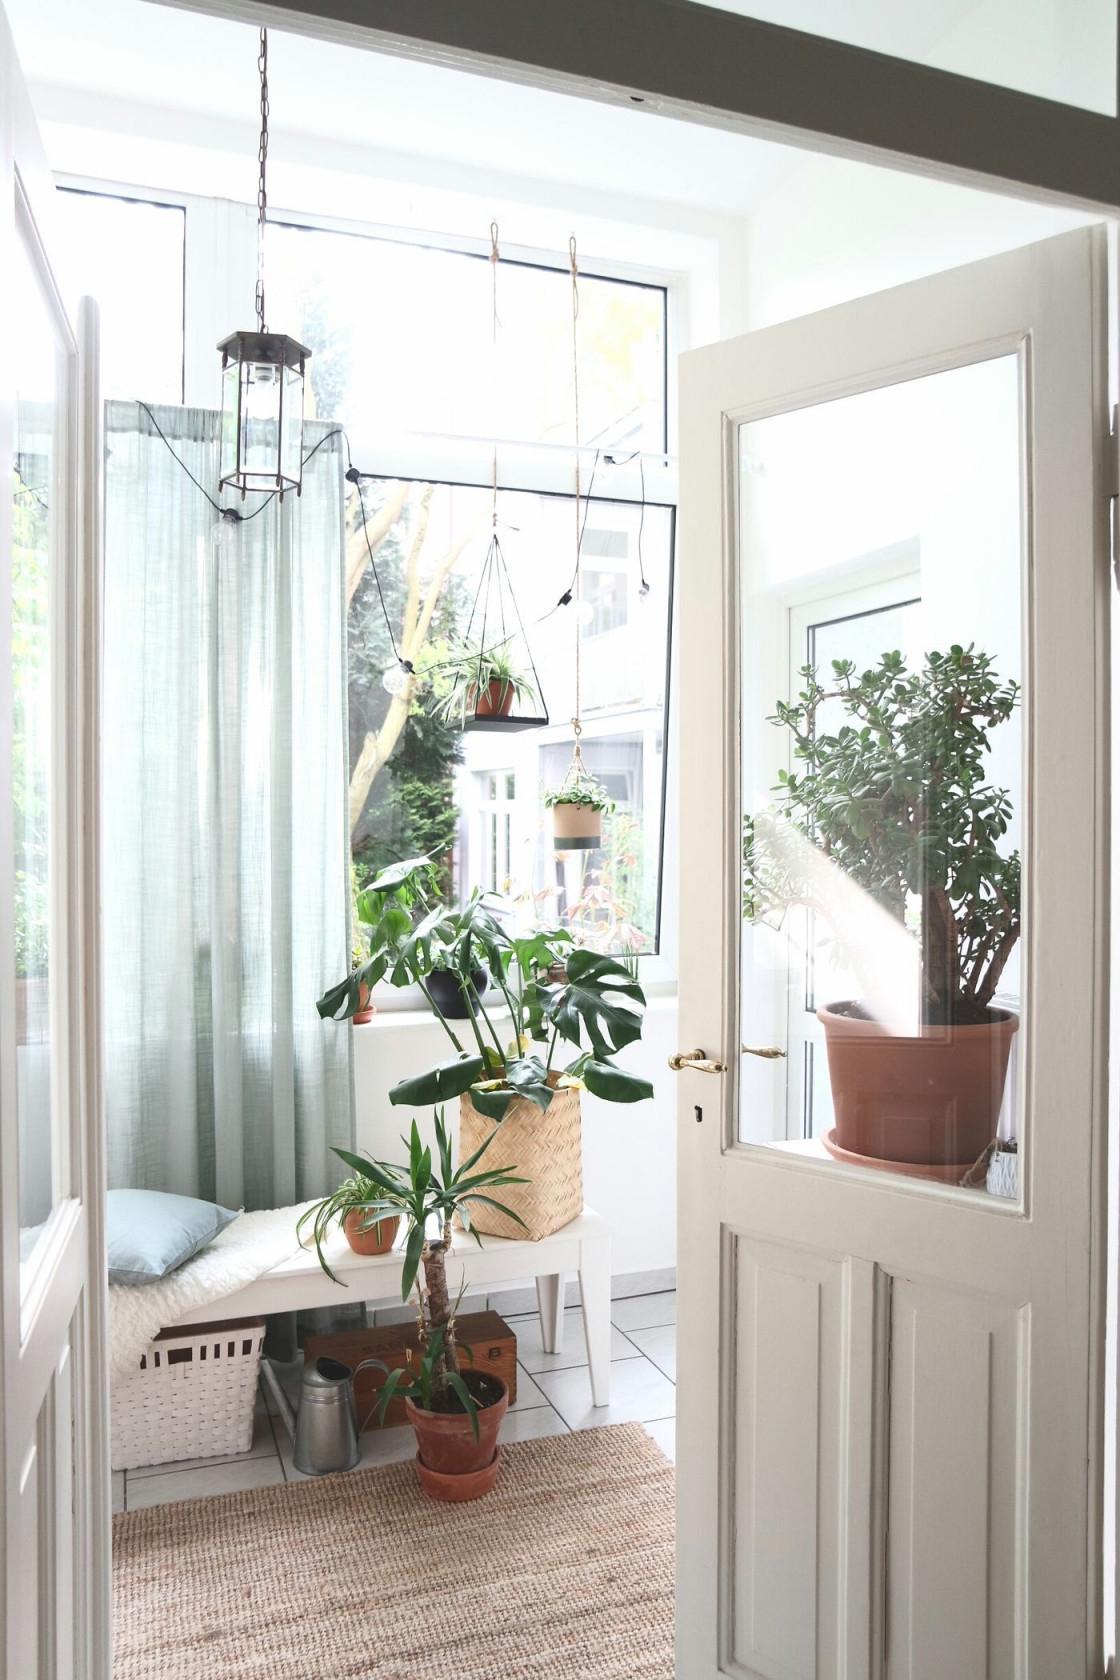 Die Schönsten Ideen Für Die Fensterbank  Fensterbrett Deko von Fensterbank Deko Wohnzimmer Photo